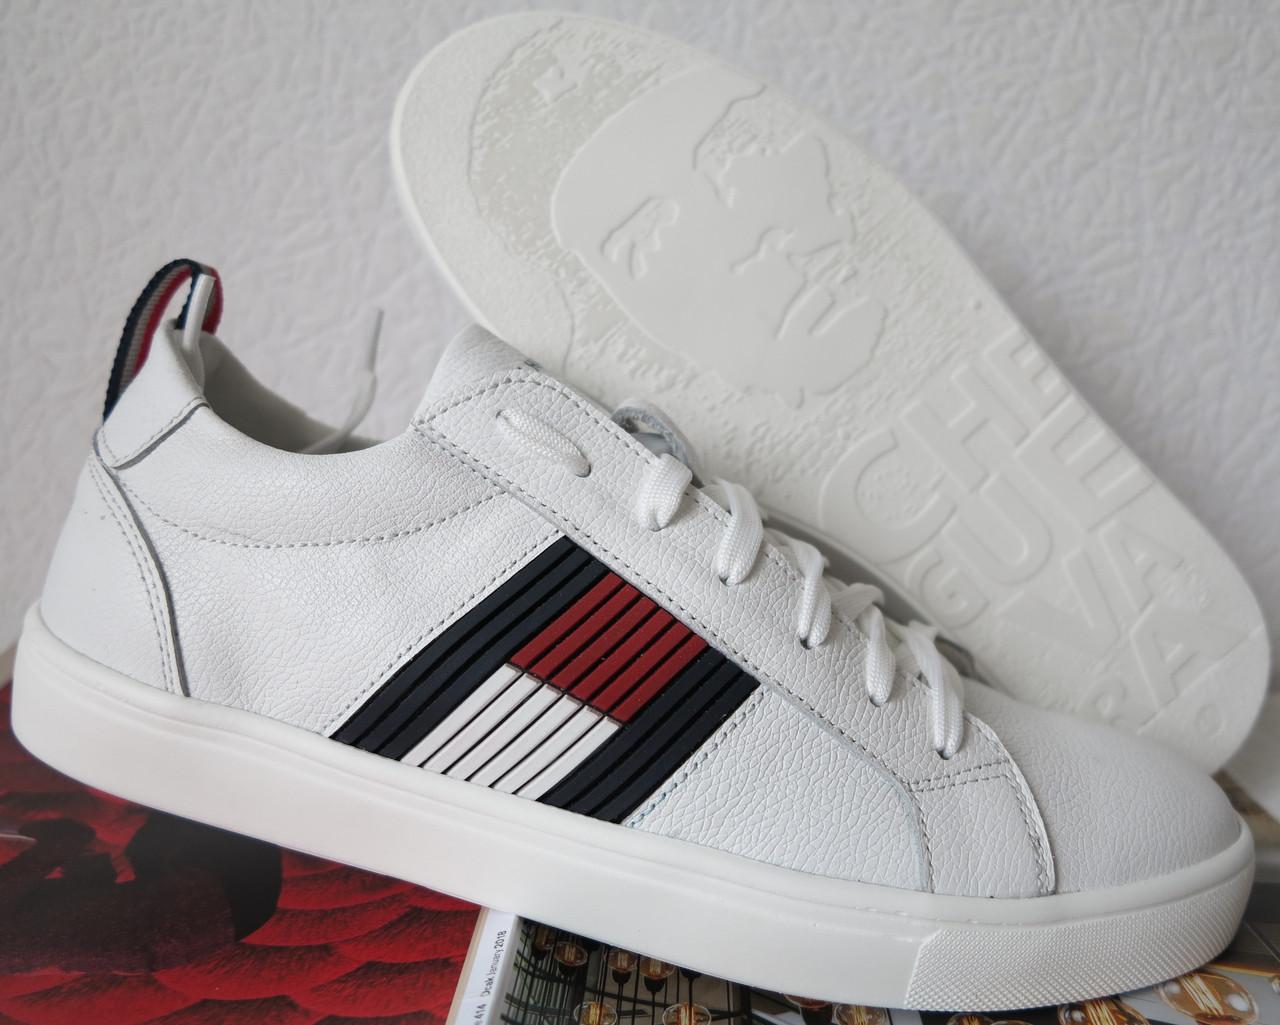 Tommy Hilfiger кожаные белые кеды! Туфли мужские кроссовки в стиле Томми  Хилфигер 64cab88ee2e51